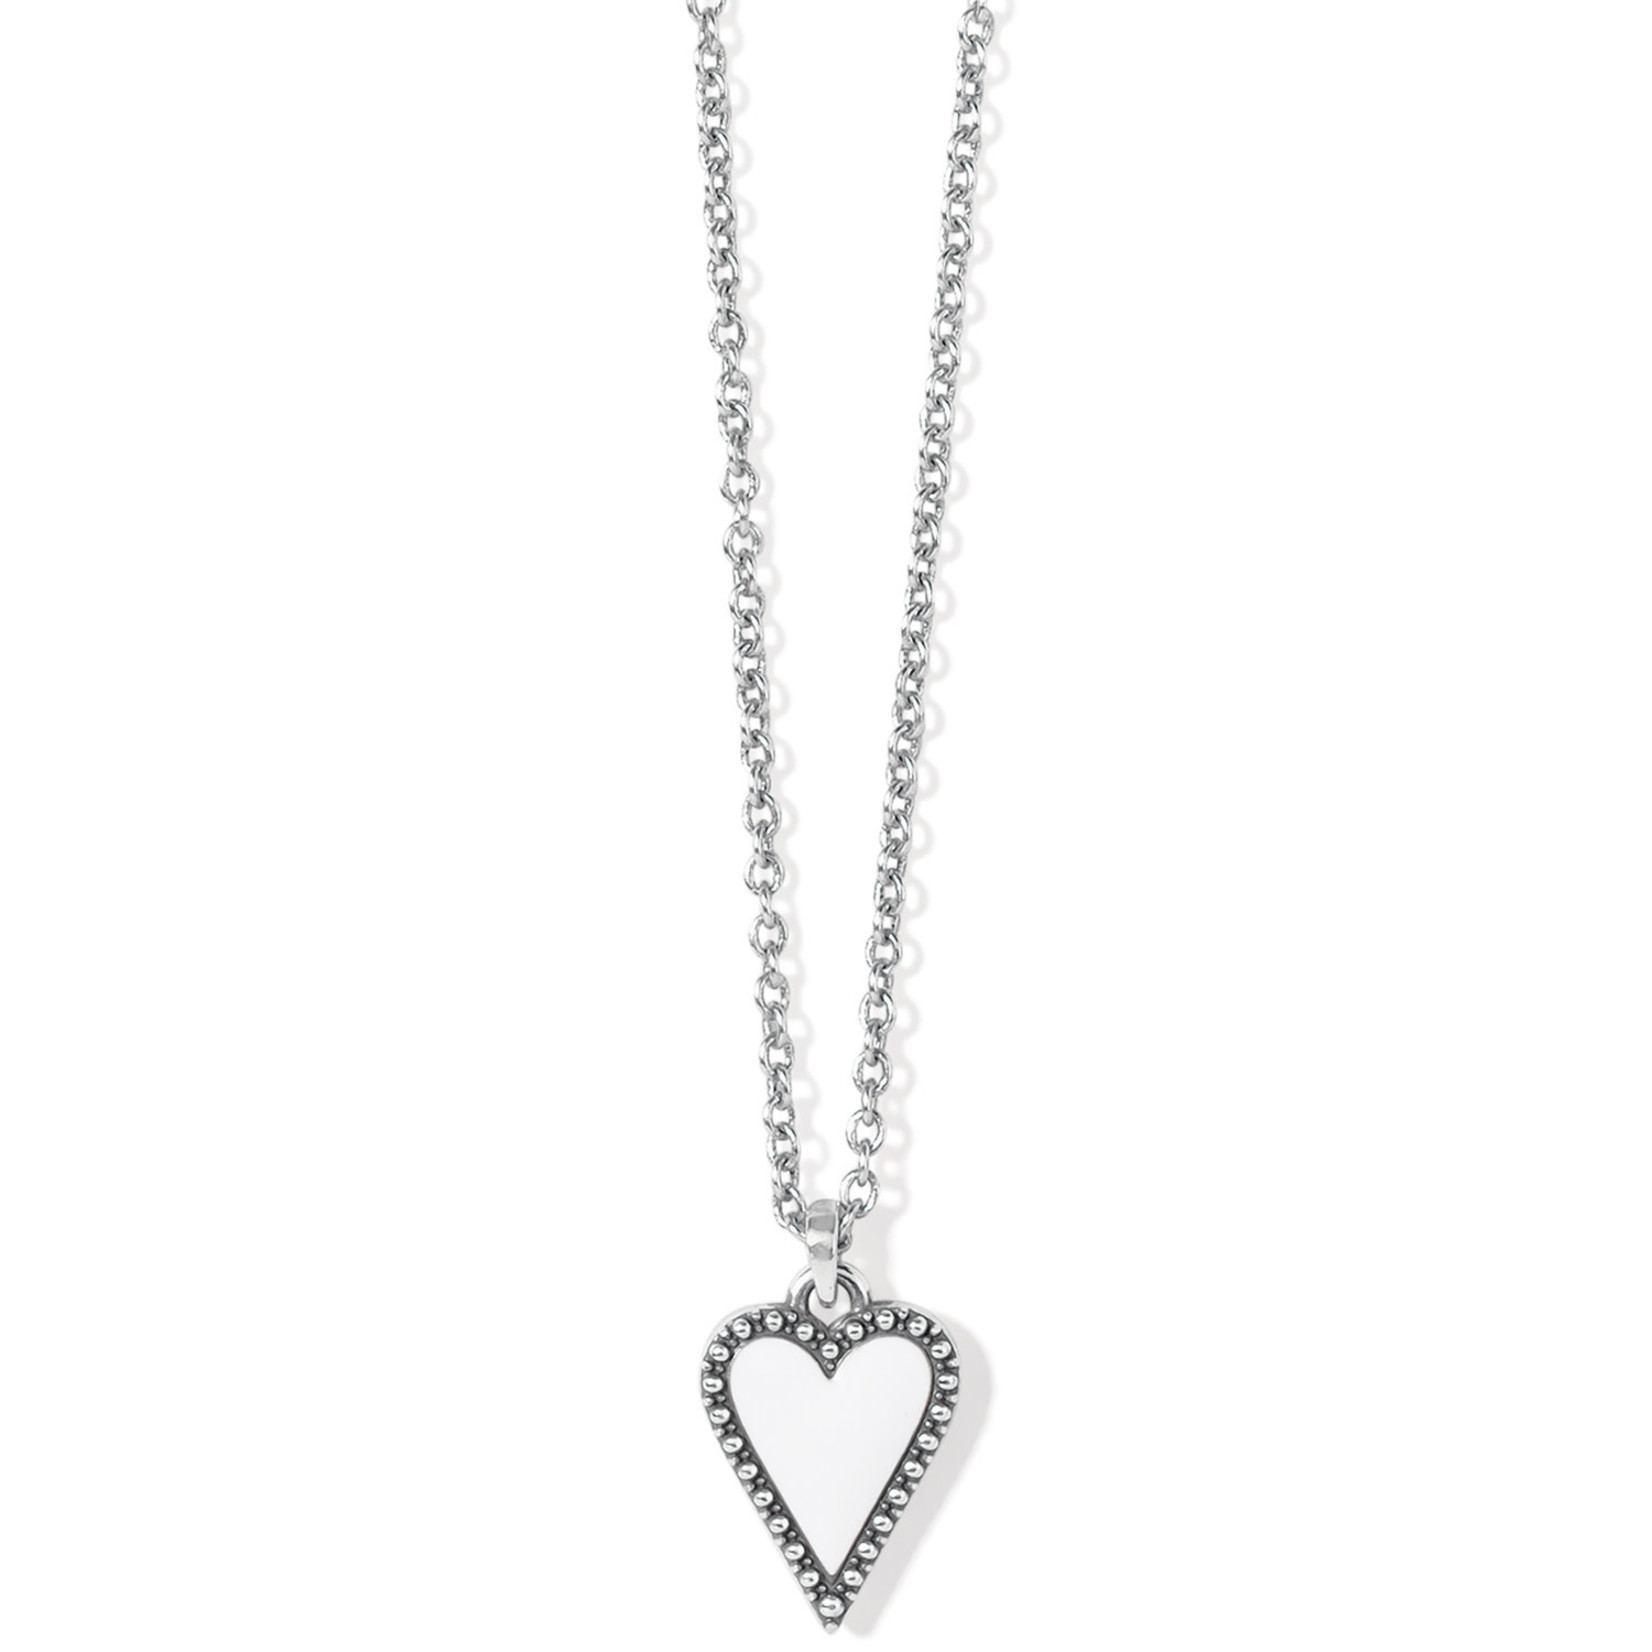 Brighton Dazzling Love Petite Necklace - Silver-White